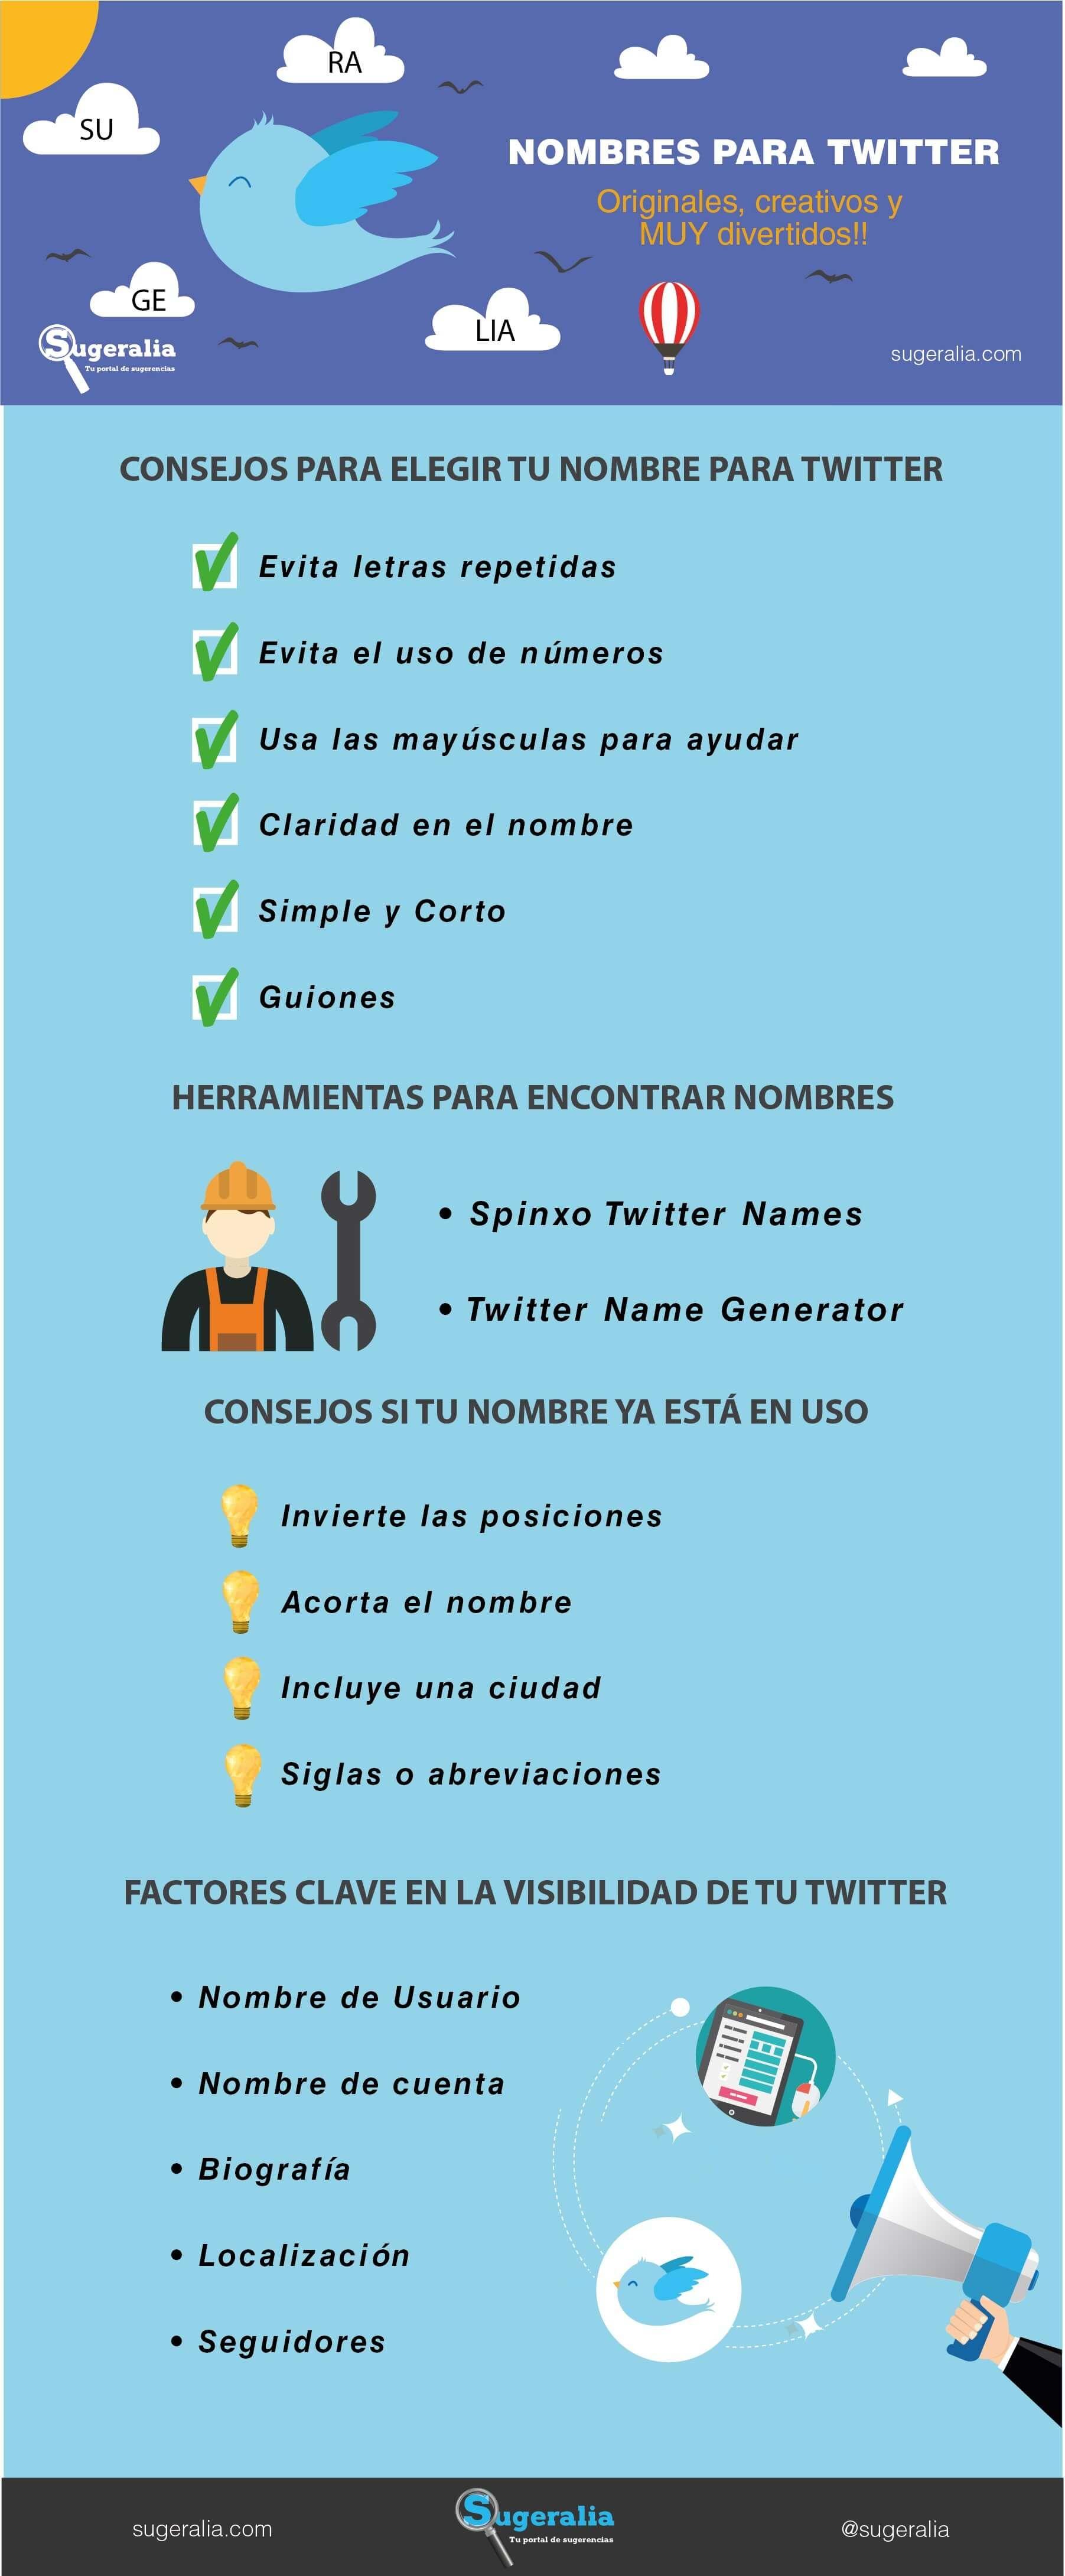 Nombres Para Twitter Divertidos Y Originales Cómo Elegir El Mejor Nombre Para Tener Tu Cuenta De Twitter Optimizada Twitter Nombres Marketing